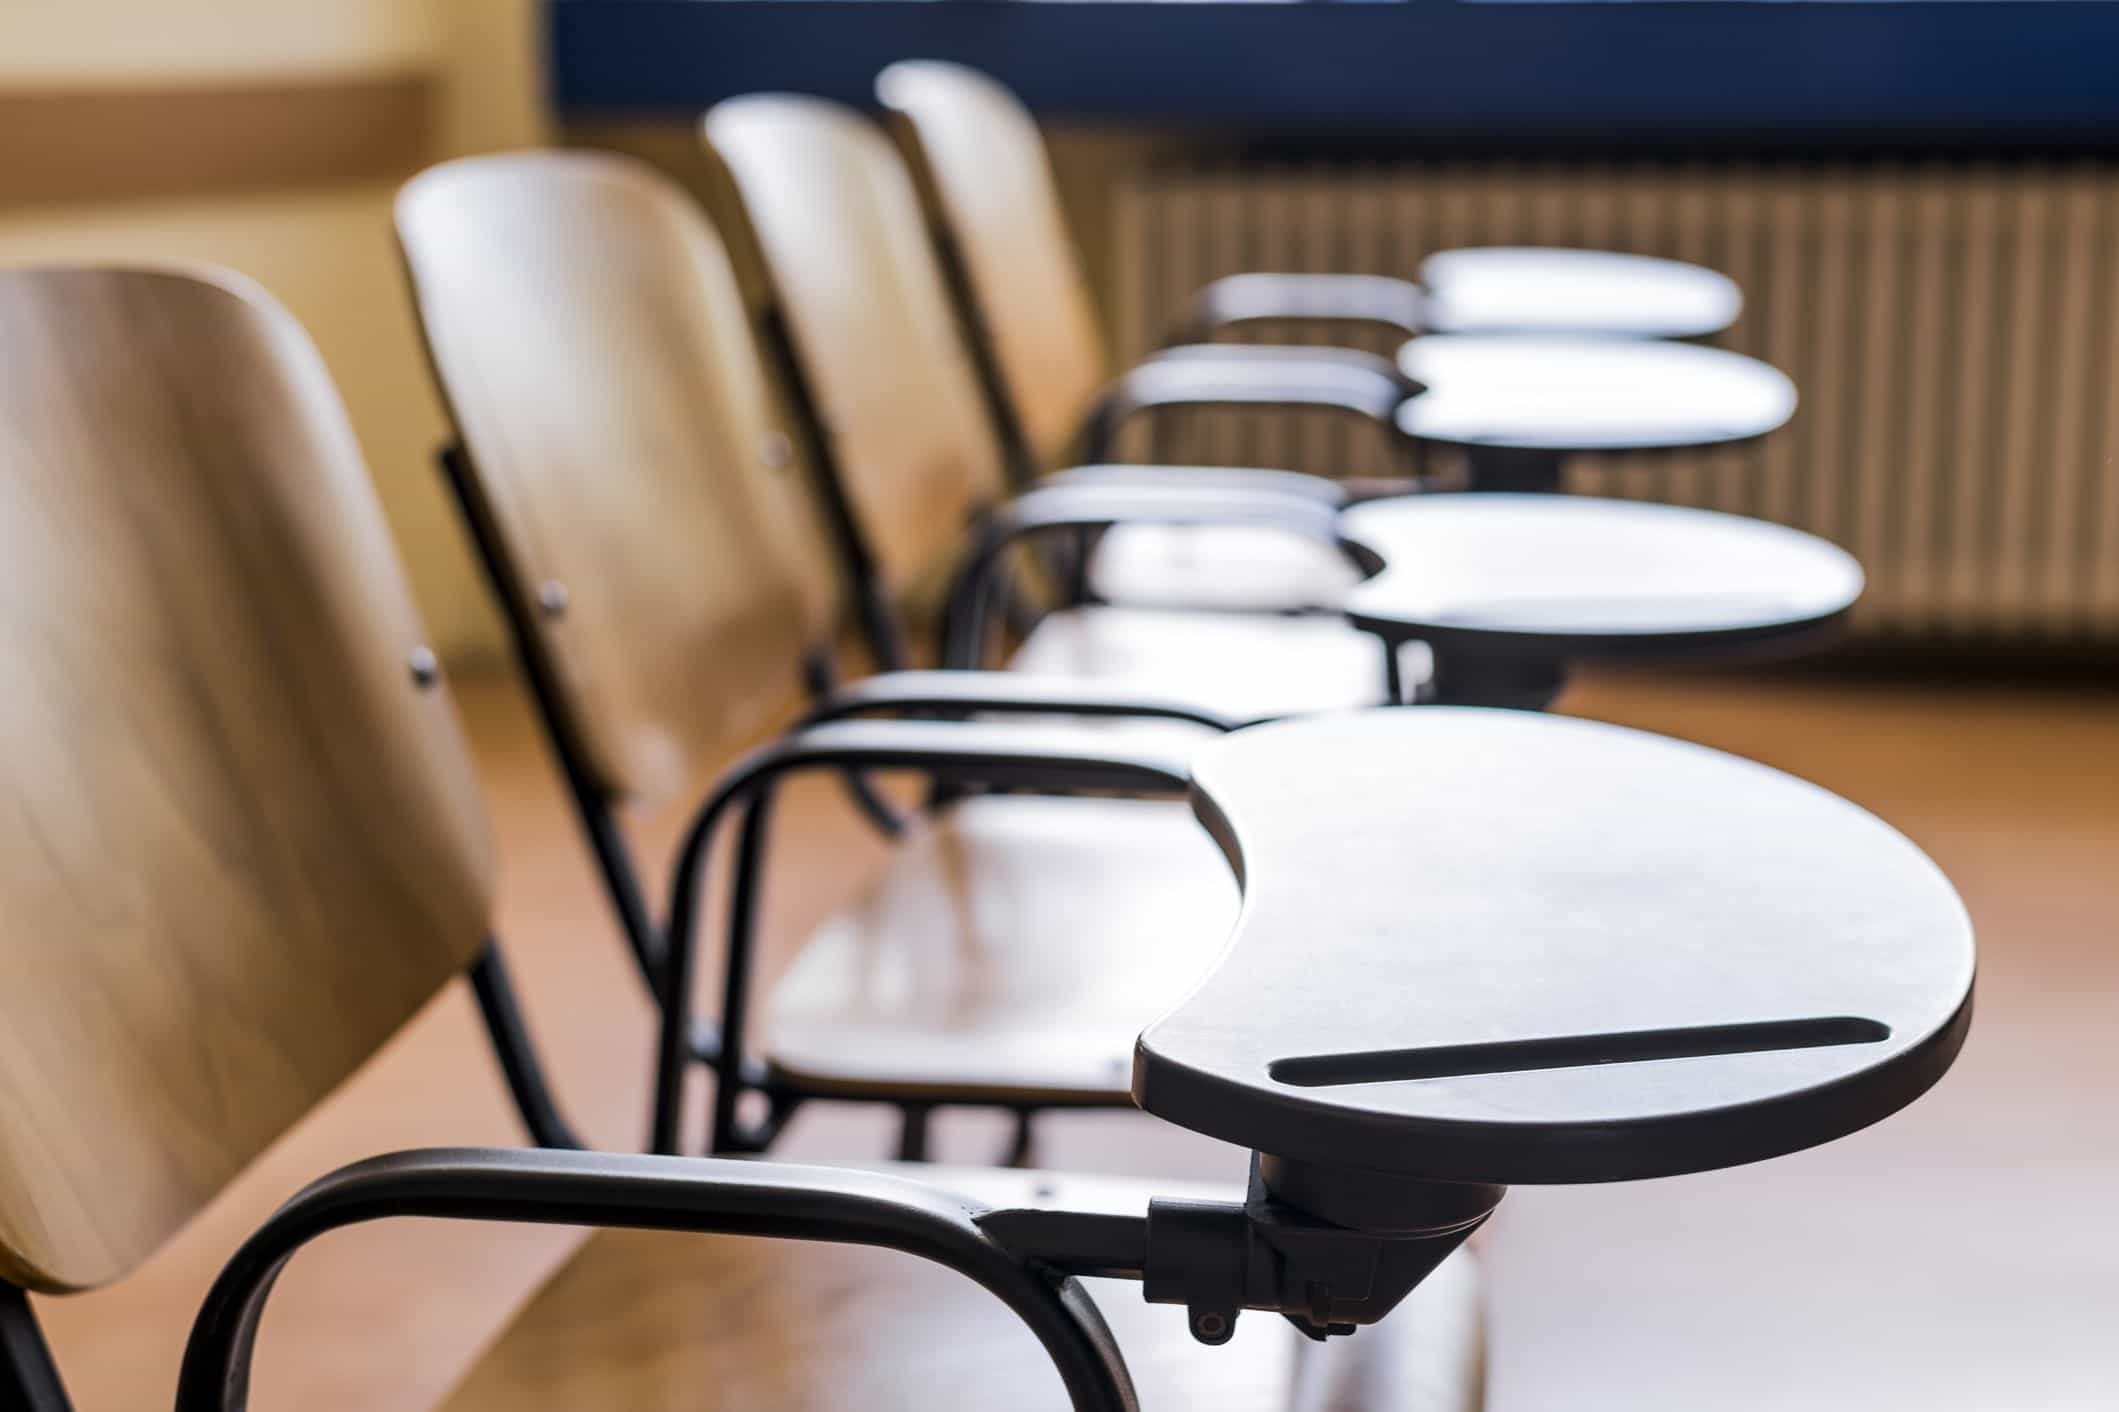 Autarca de Torres Vedras é acusado de alegado plágio em doutoramento